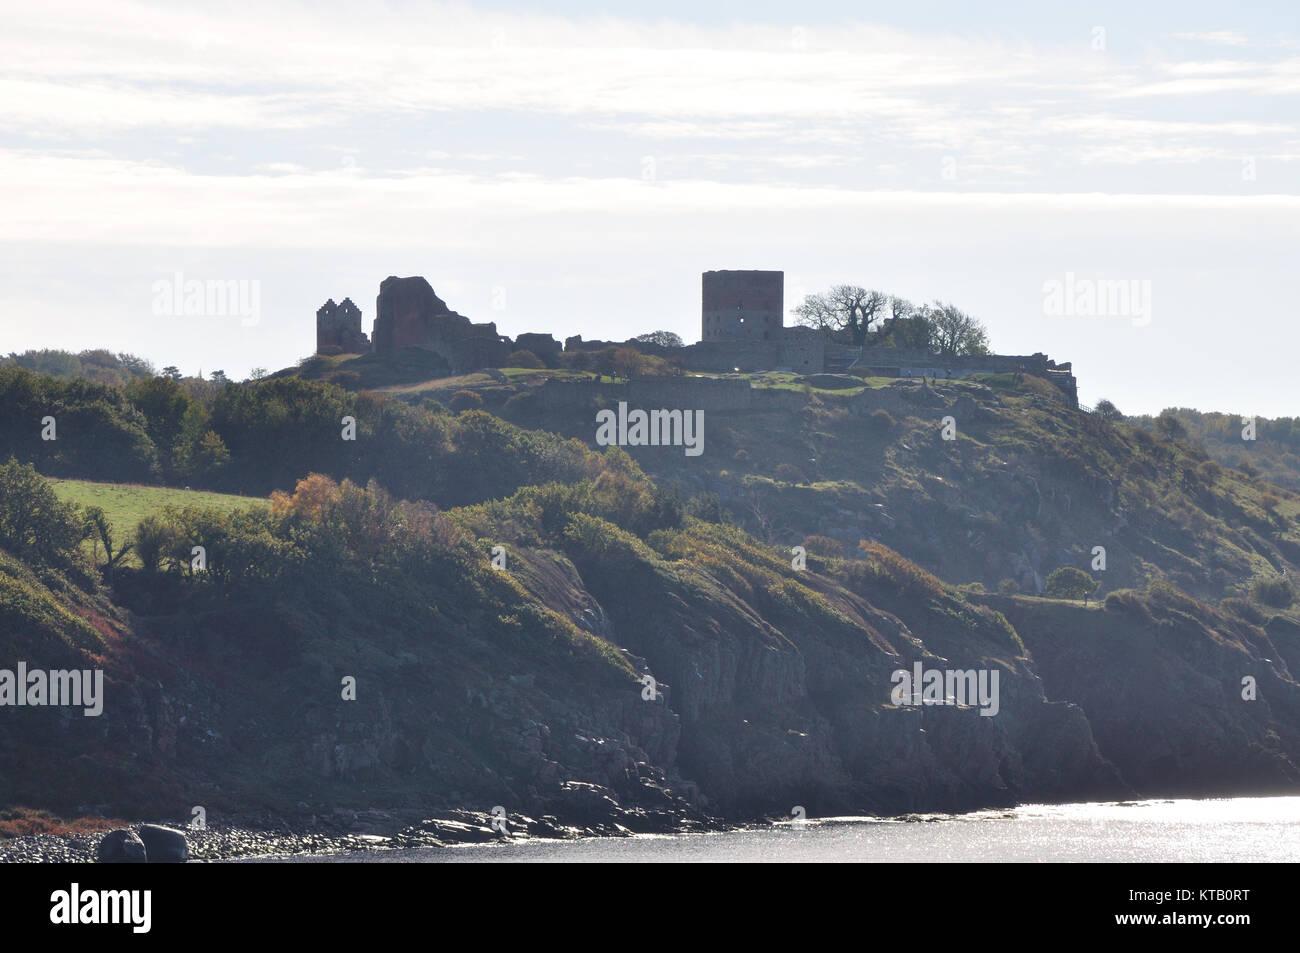 Blick auf die berühmte Burgruine Hammershus (einer der größten zusammenhängenden Burgruinen-Komplexe Nordeuropas) Stock Photo